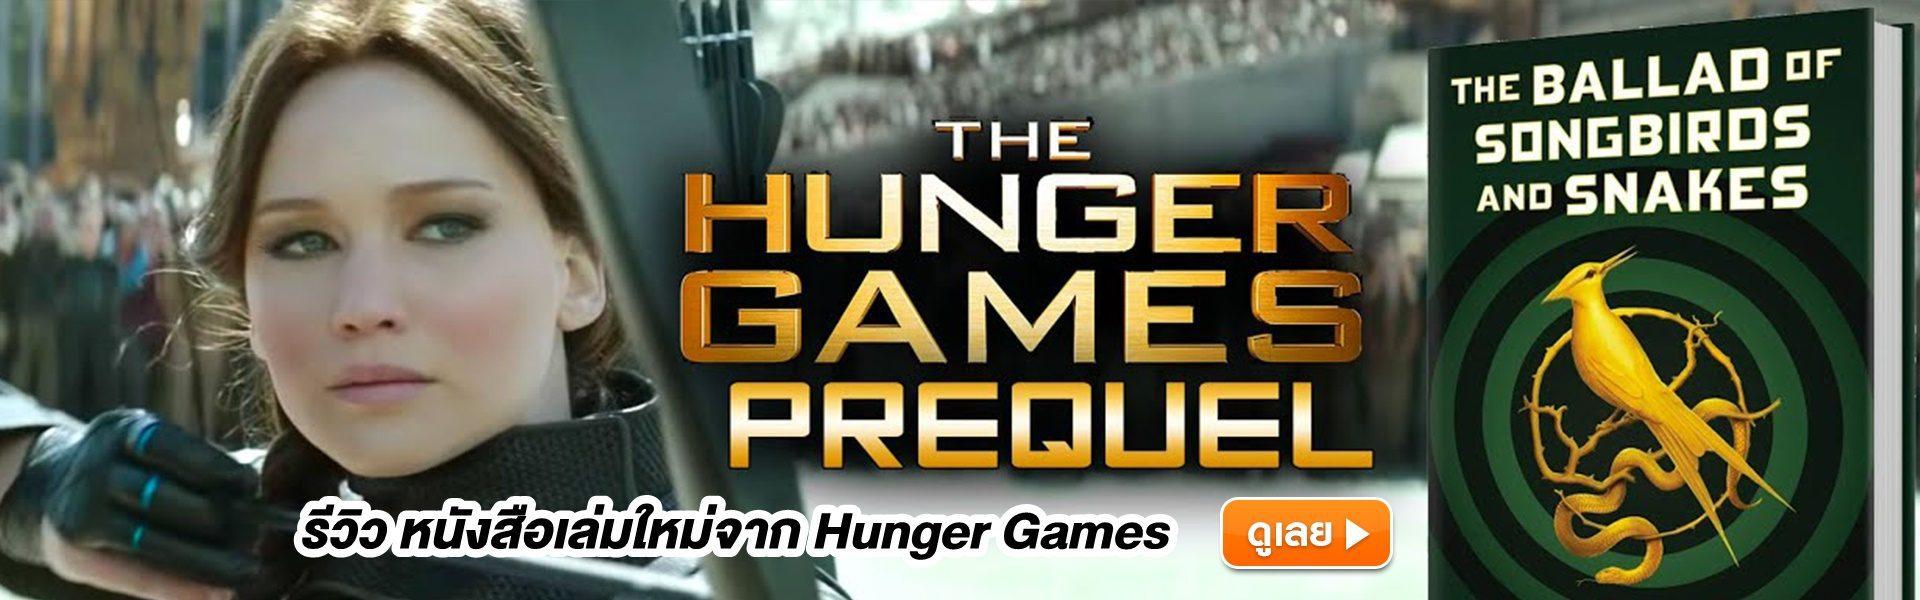 รีวิว The Ballad of Songbirds and Snakes หนังสือเล่มใหม่จาก Hunger Games